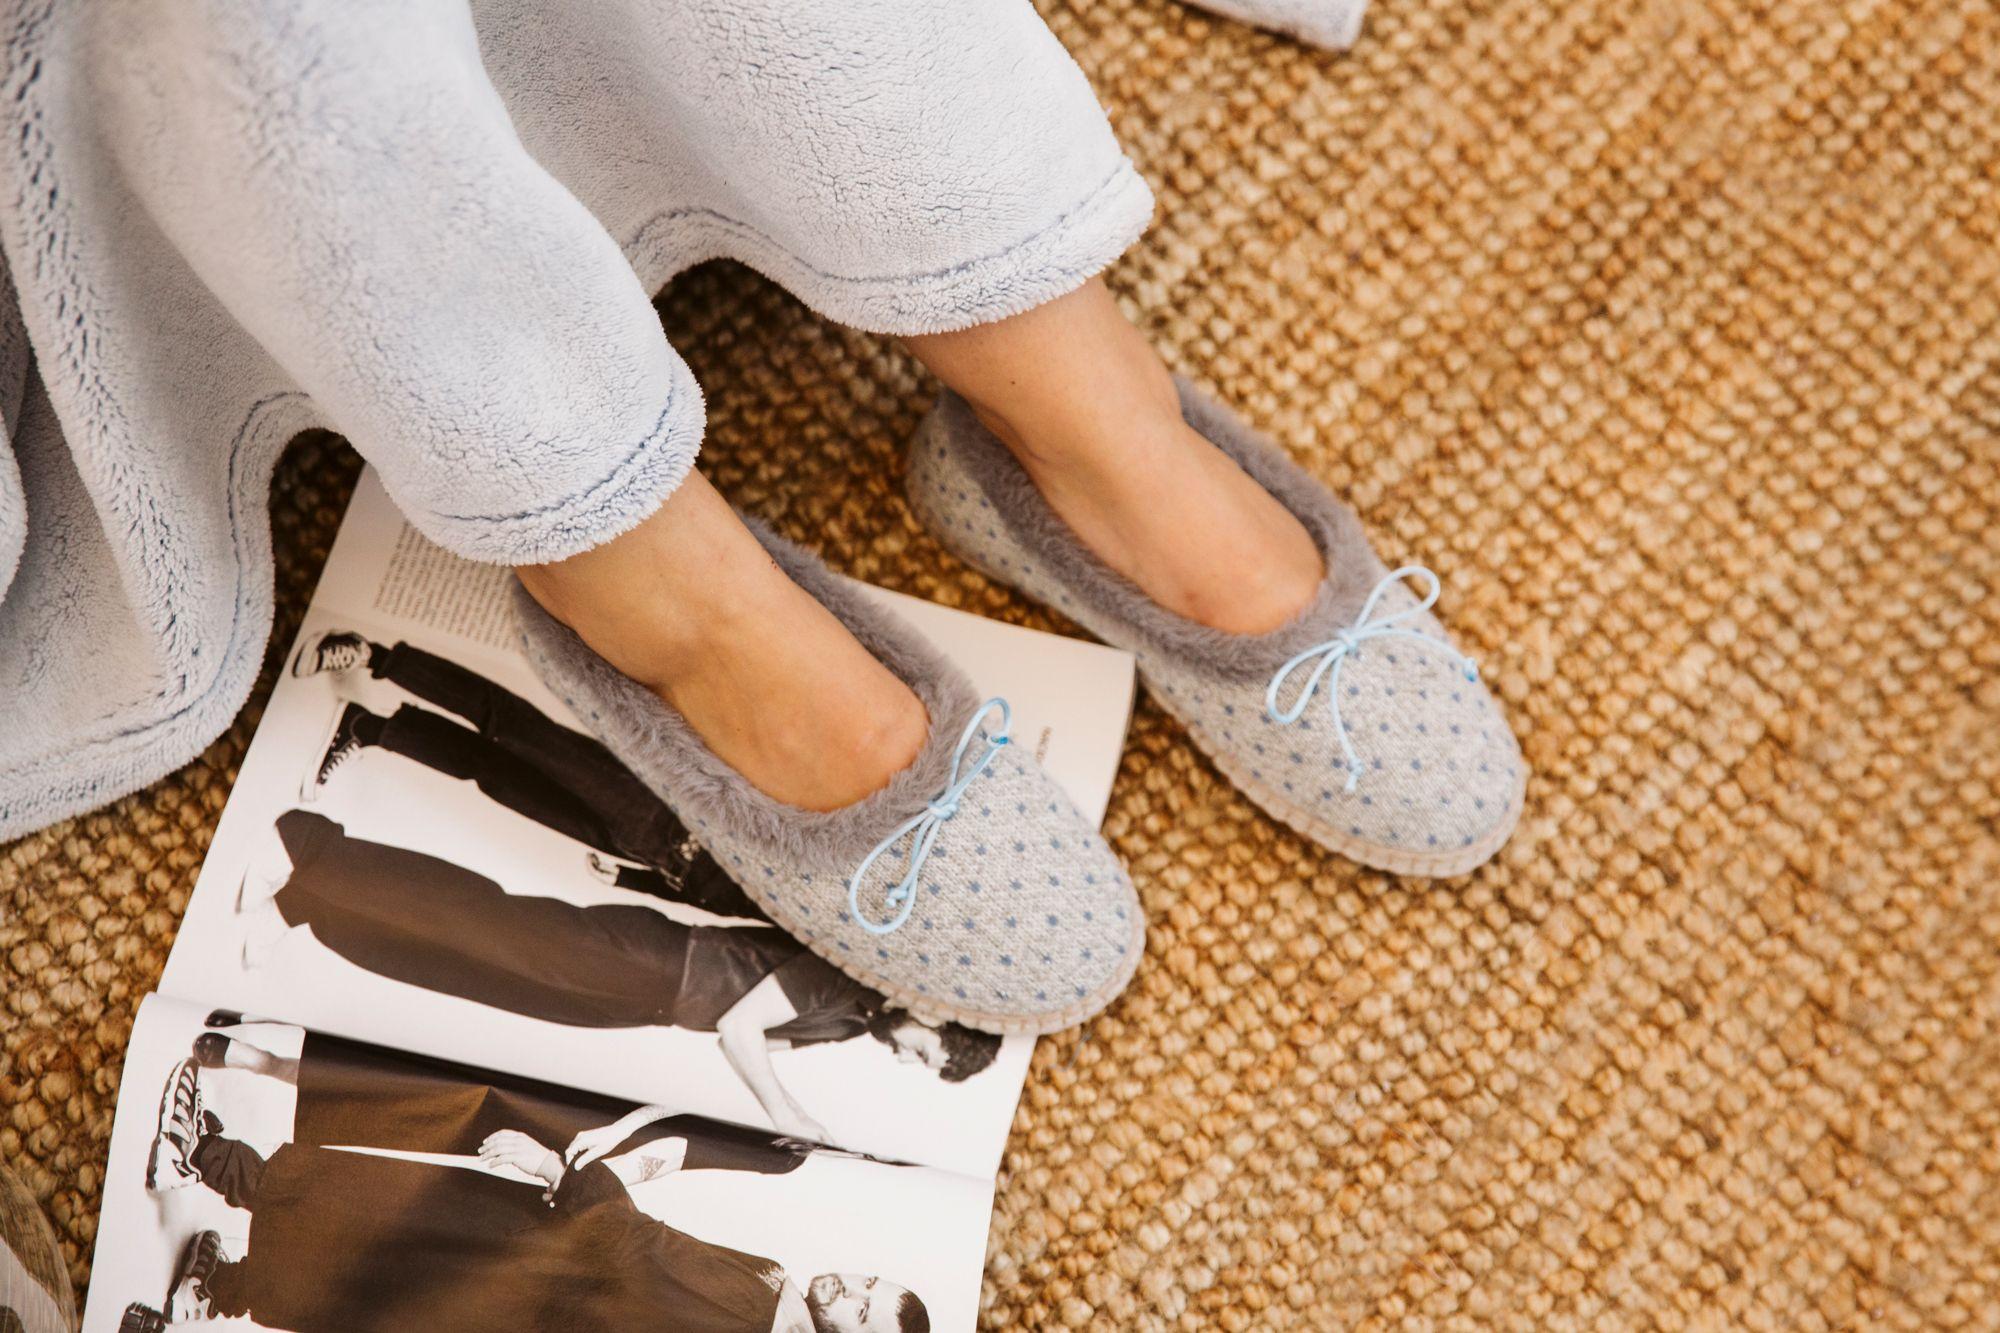 Zapatillas de casa invierno 1819 Don algodon #zapatillas